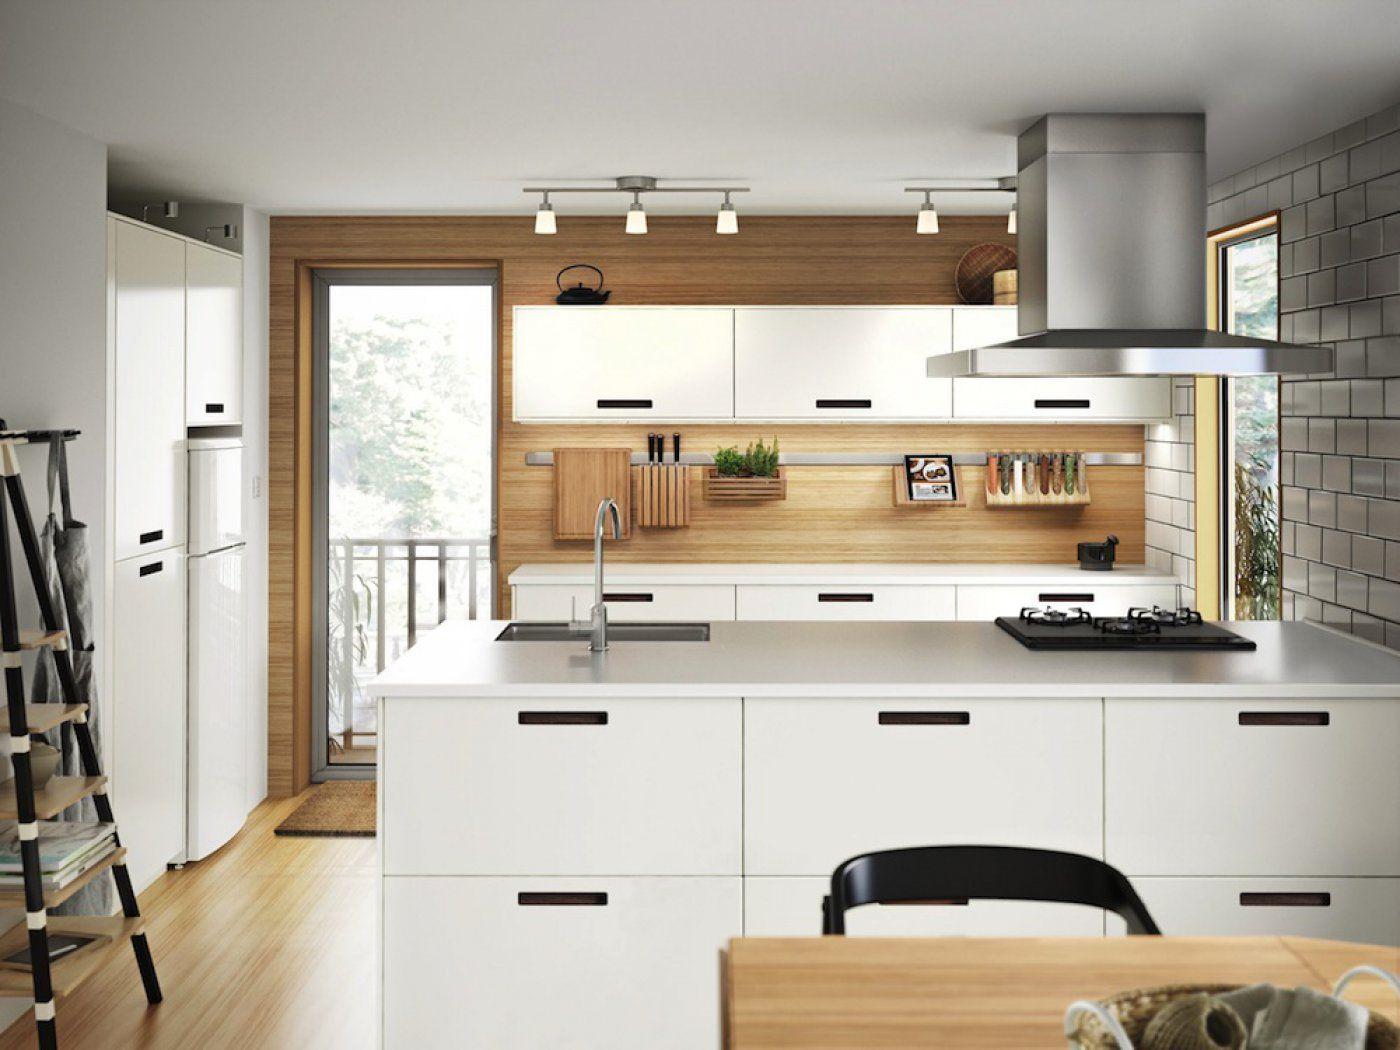 Ausgezeichnet Kücheninsel Schränke Basis Bilder - Ideen Für Die ...